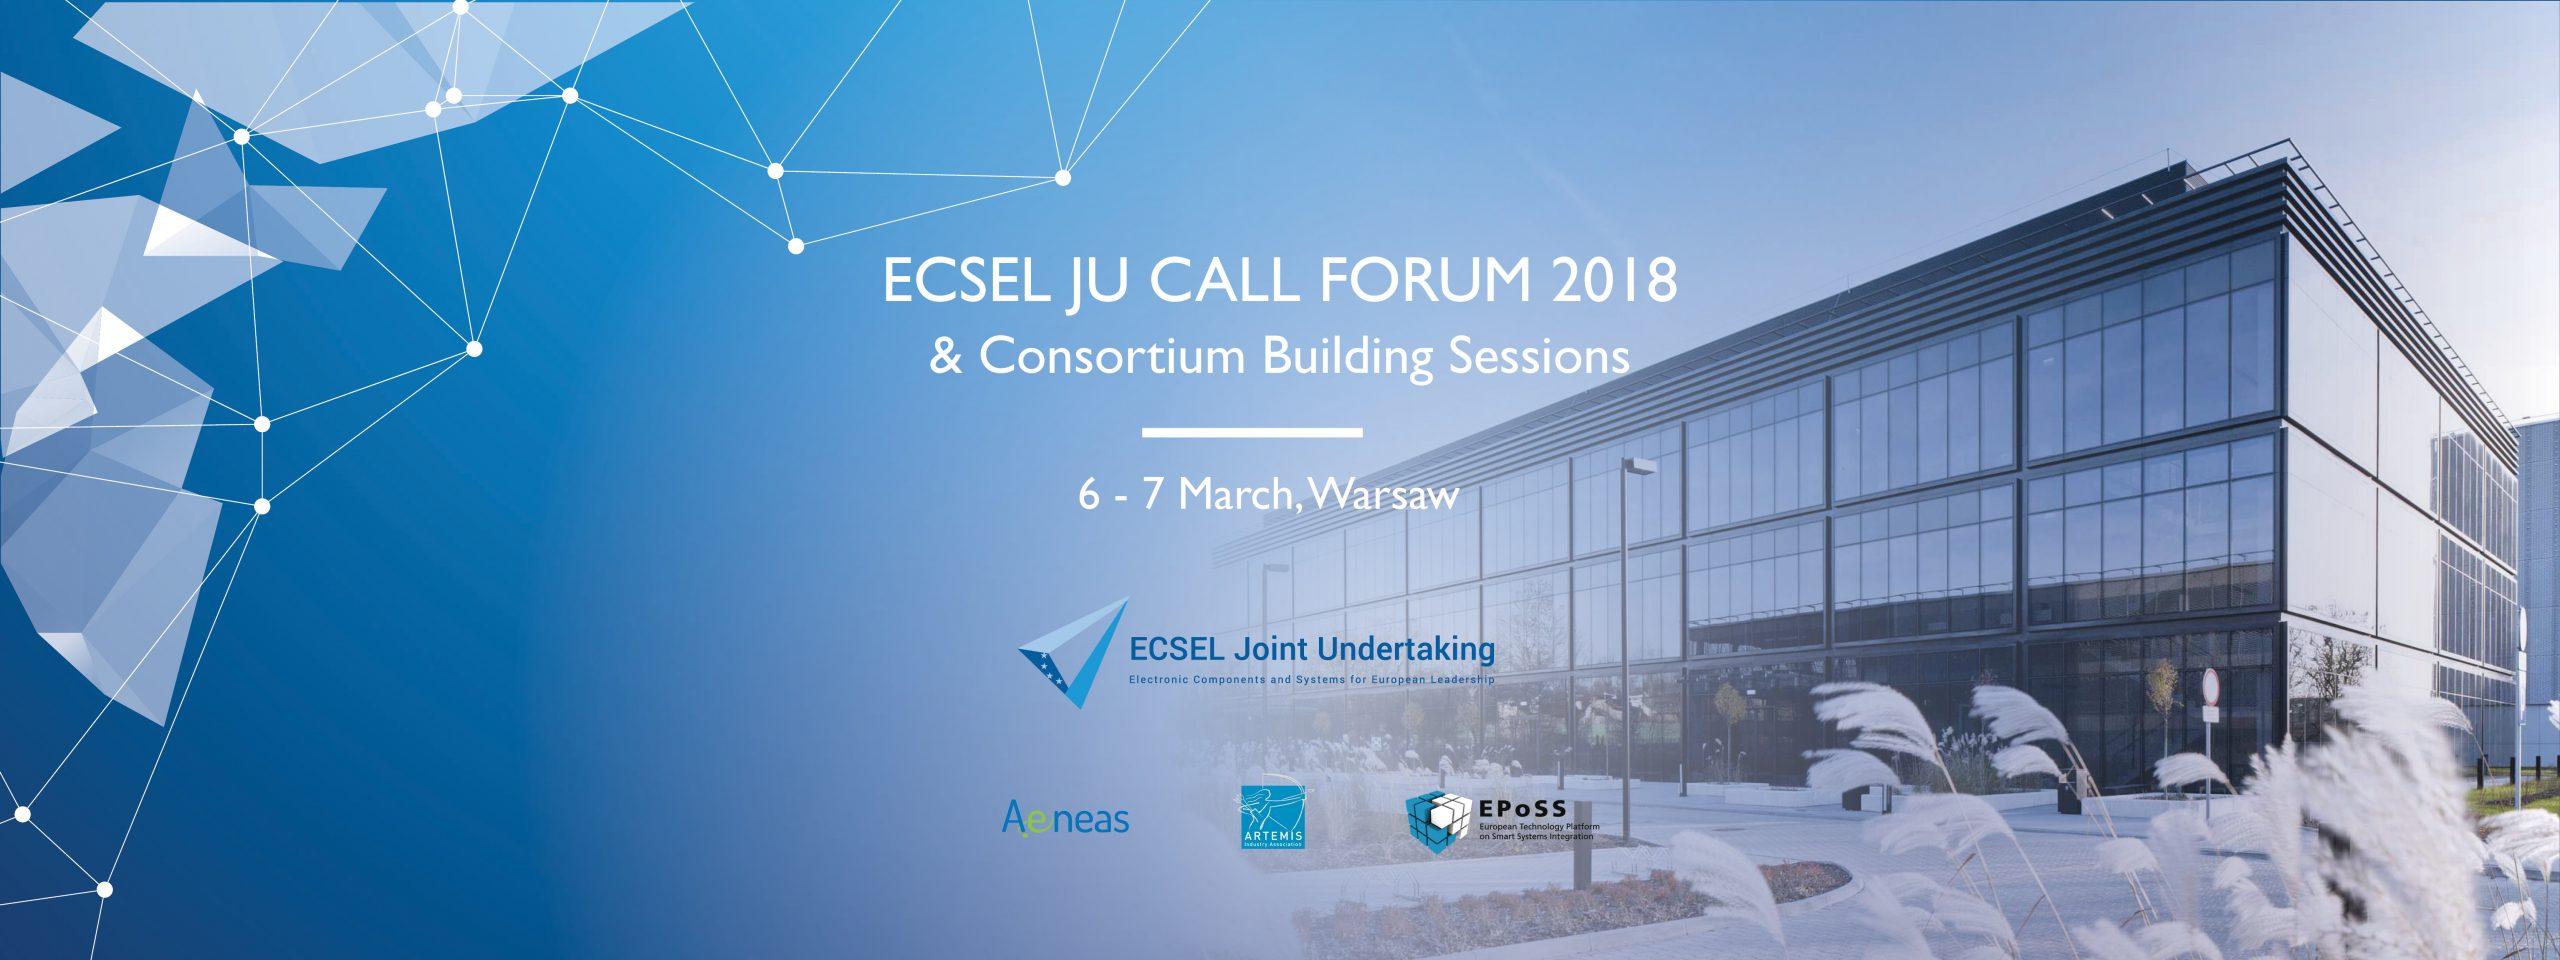 Zapraszamy na ECSEL Call Forum 2018